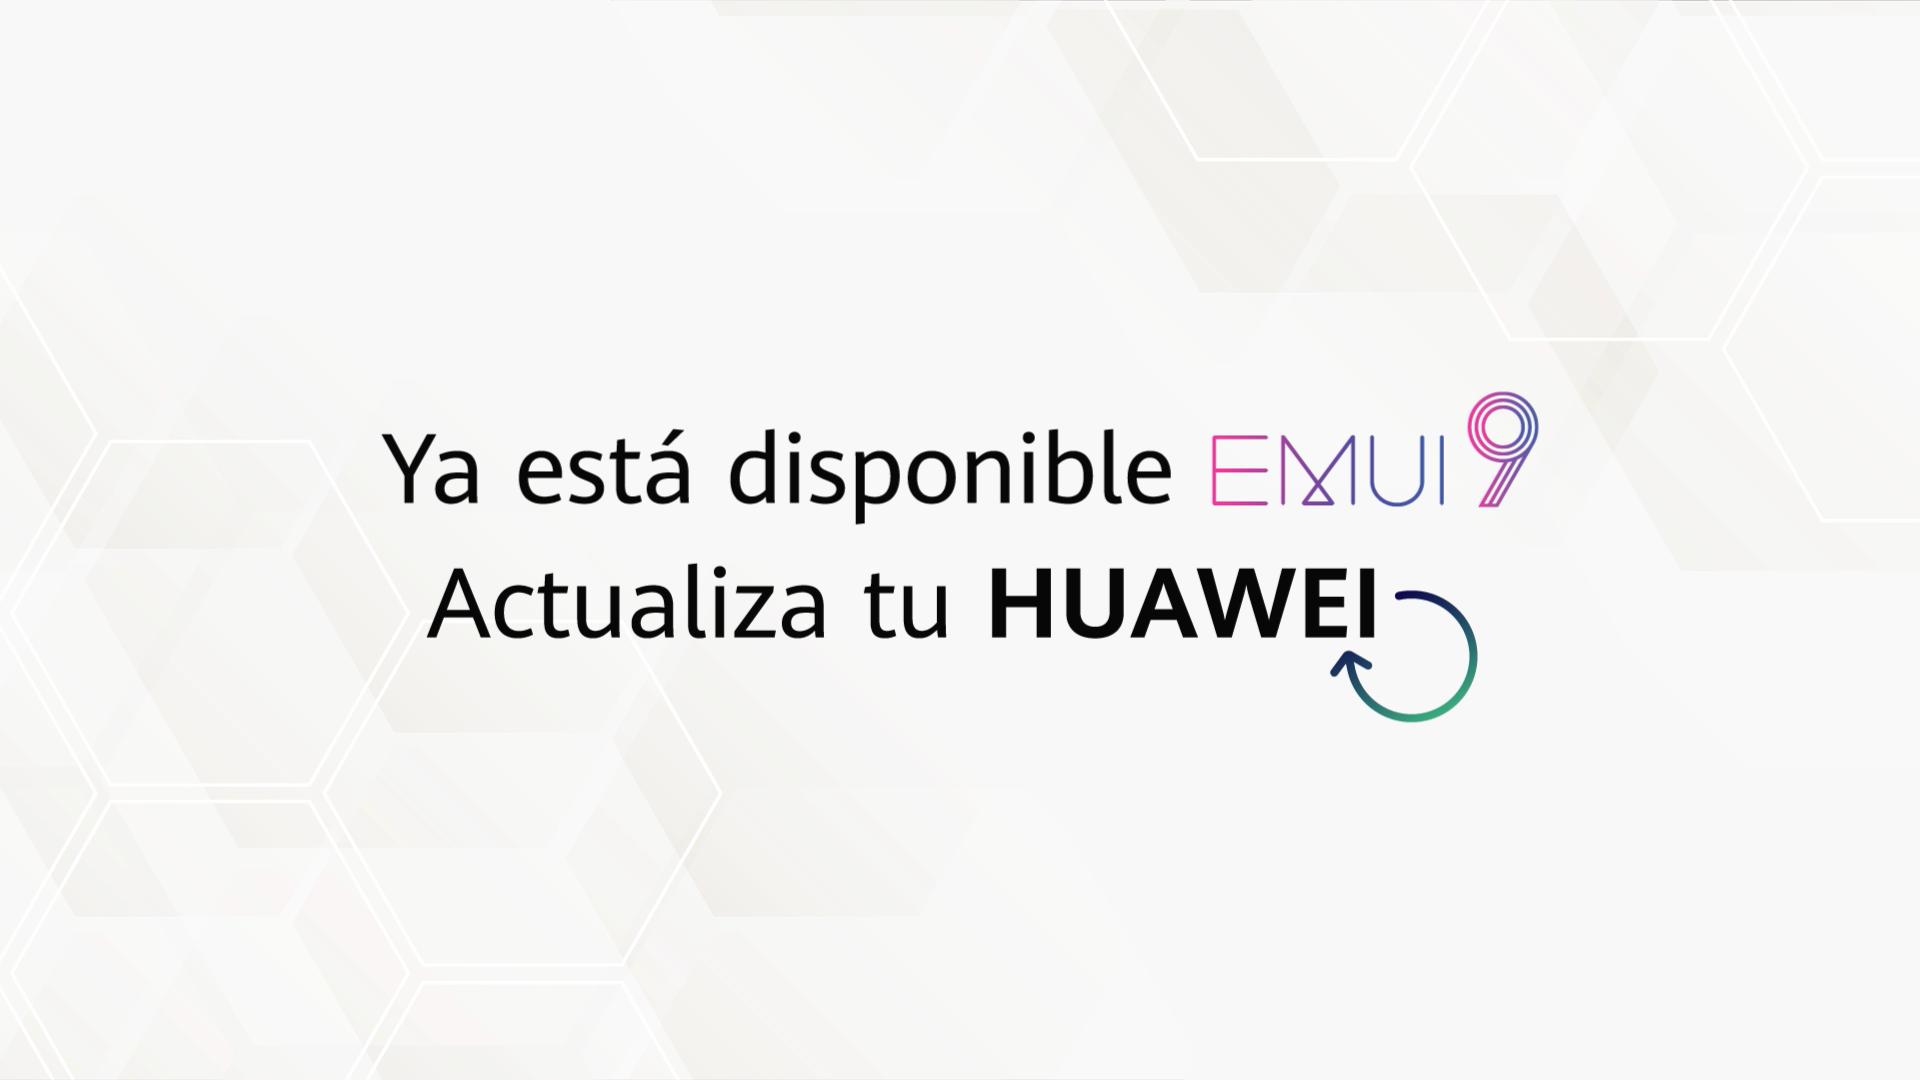 Con EMUI 9, los consumidores de Huawei alrededor del mundo podrán manejar la interfaz de una manera más sencilla y rápida.